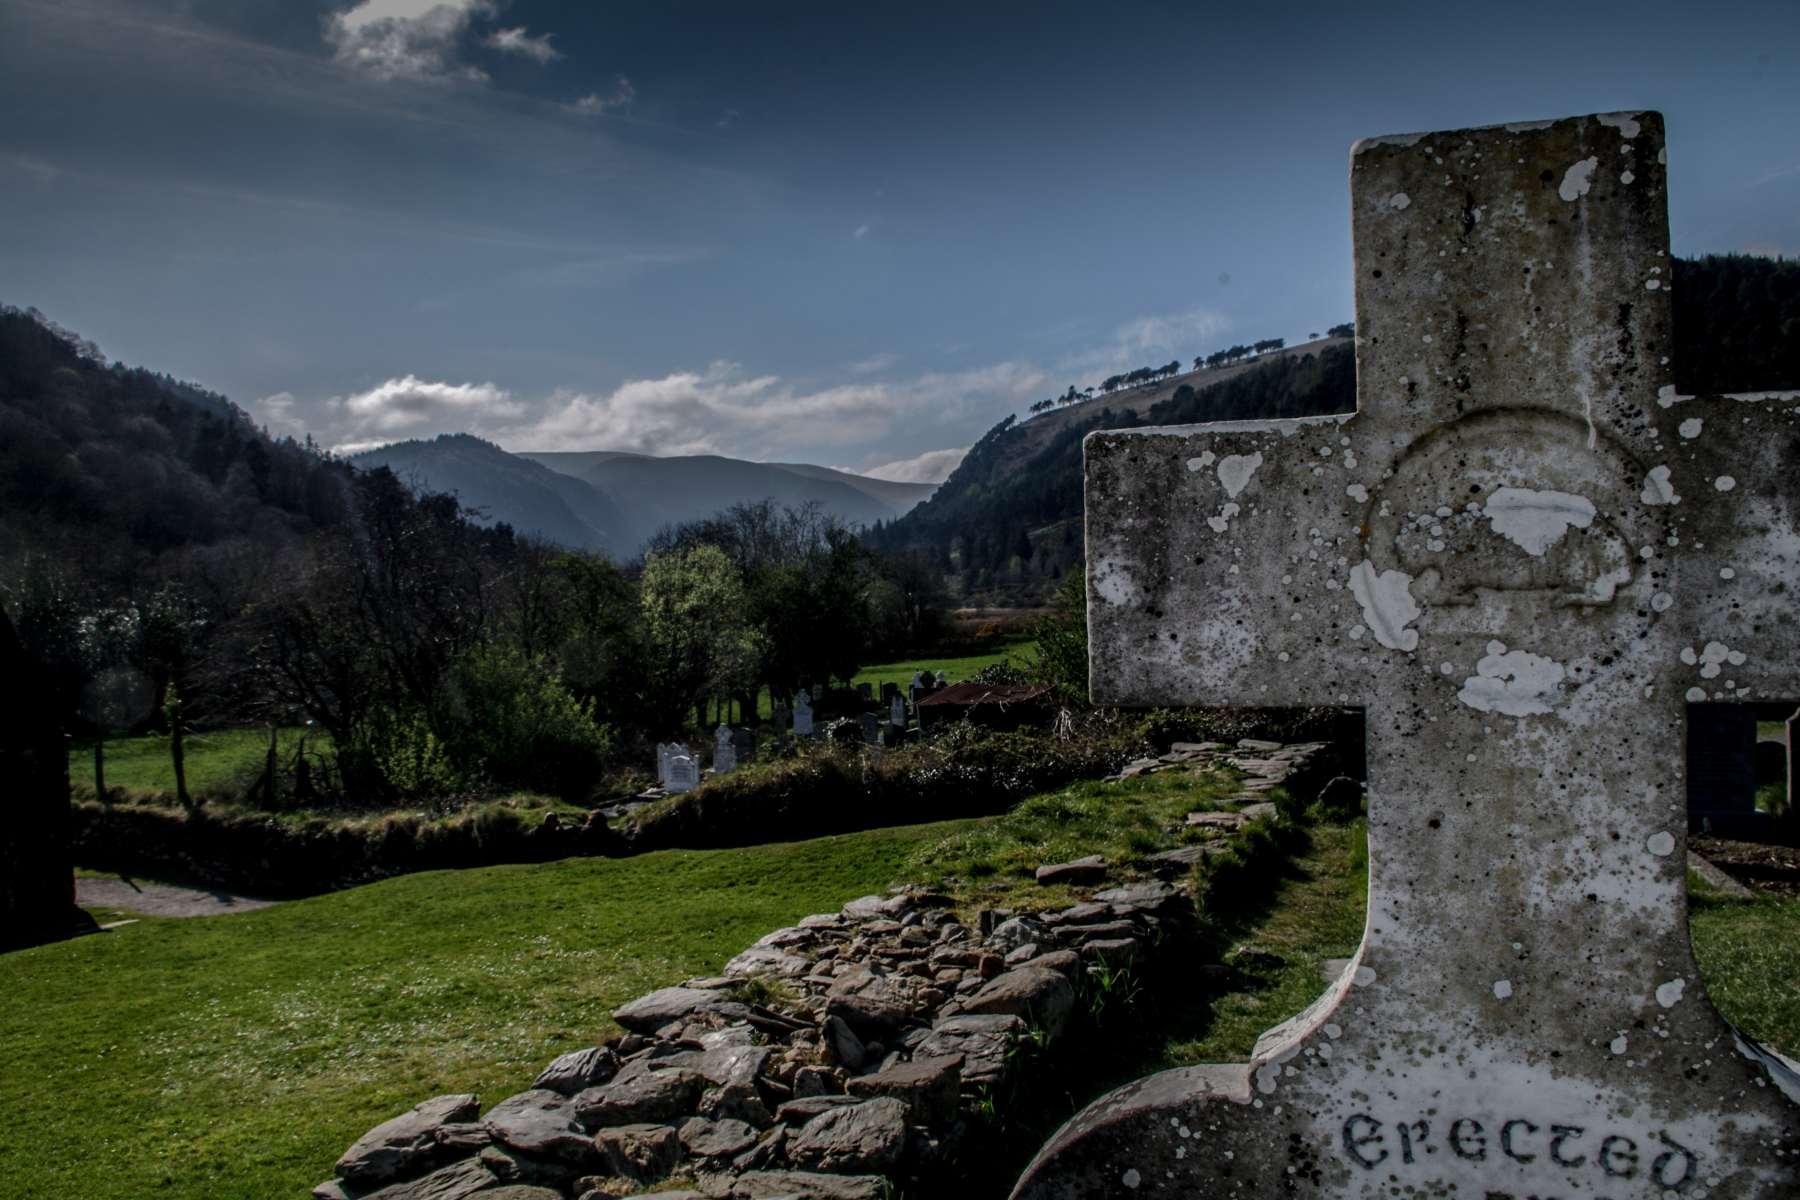 Eine Landschaftsfotografie des Glendalough in Irland